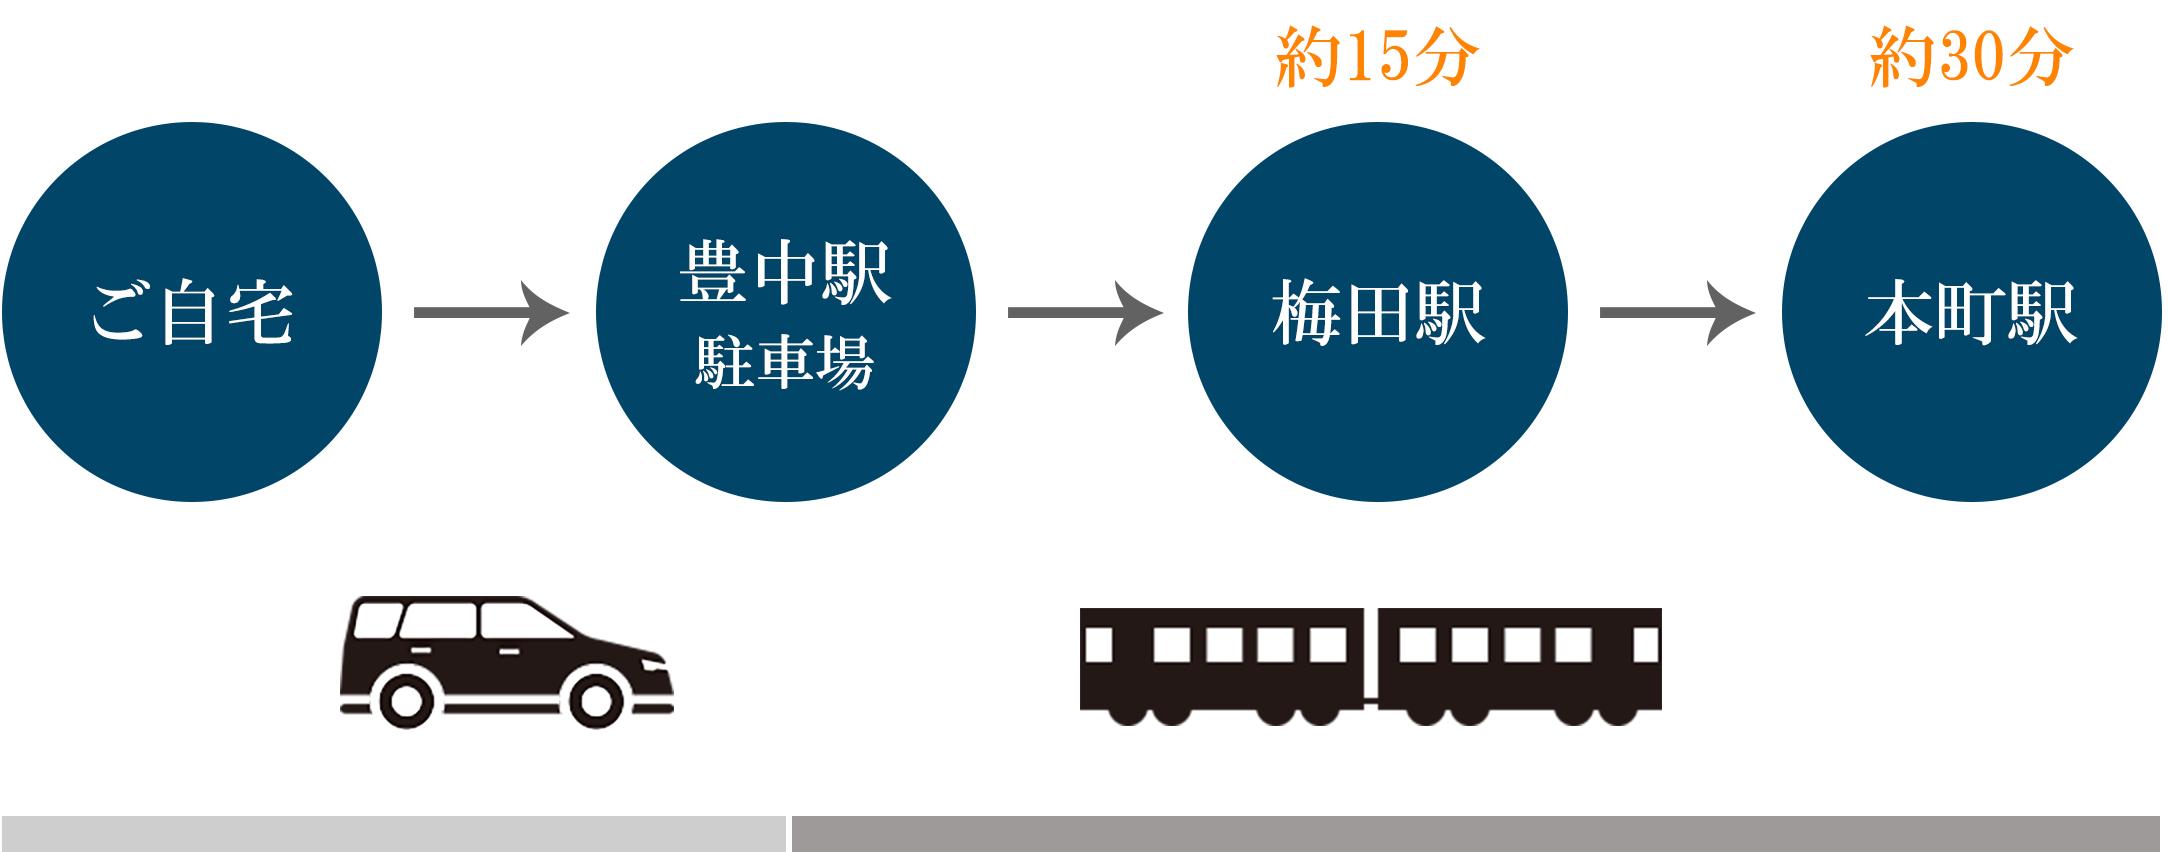 ご自宅→豊中駅駐車場→梅田駅へ約15分→本町駅へ約30分